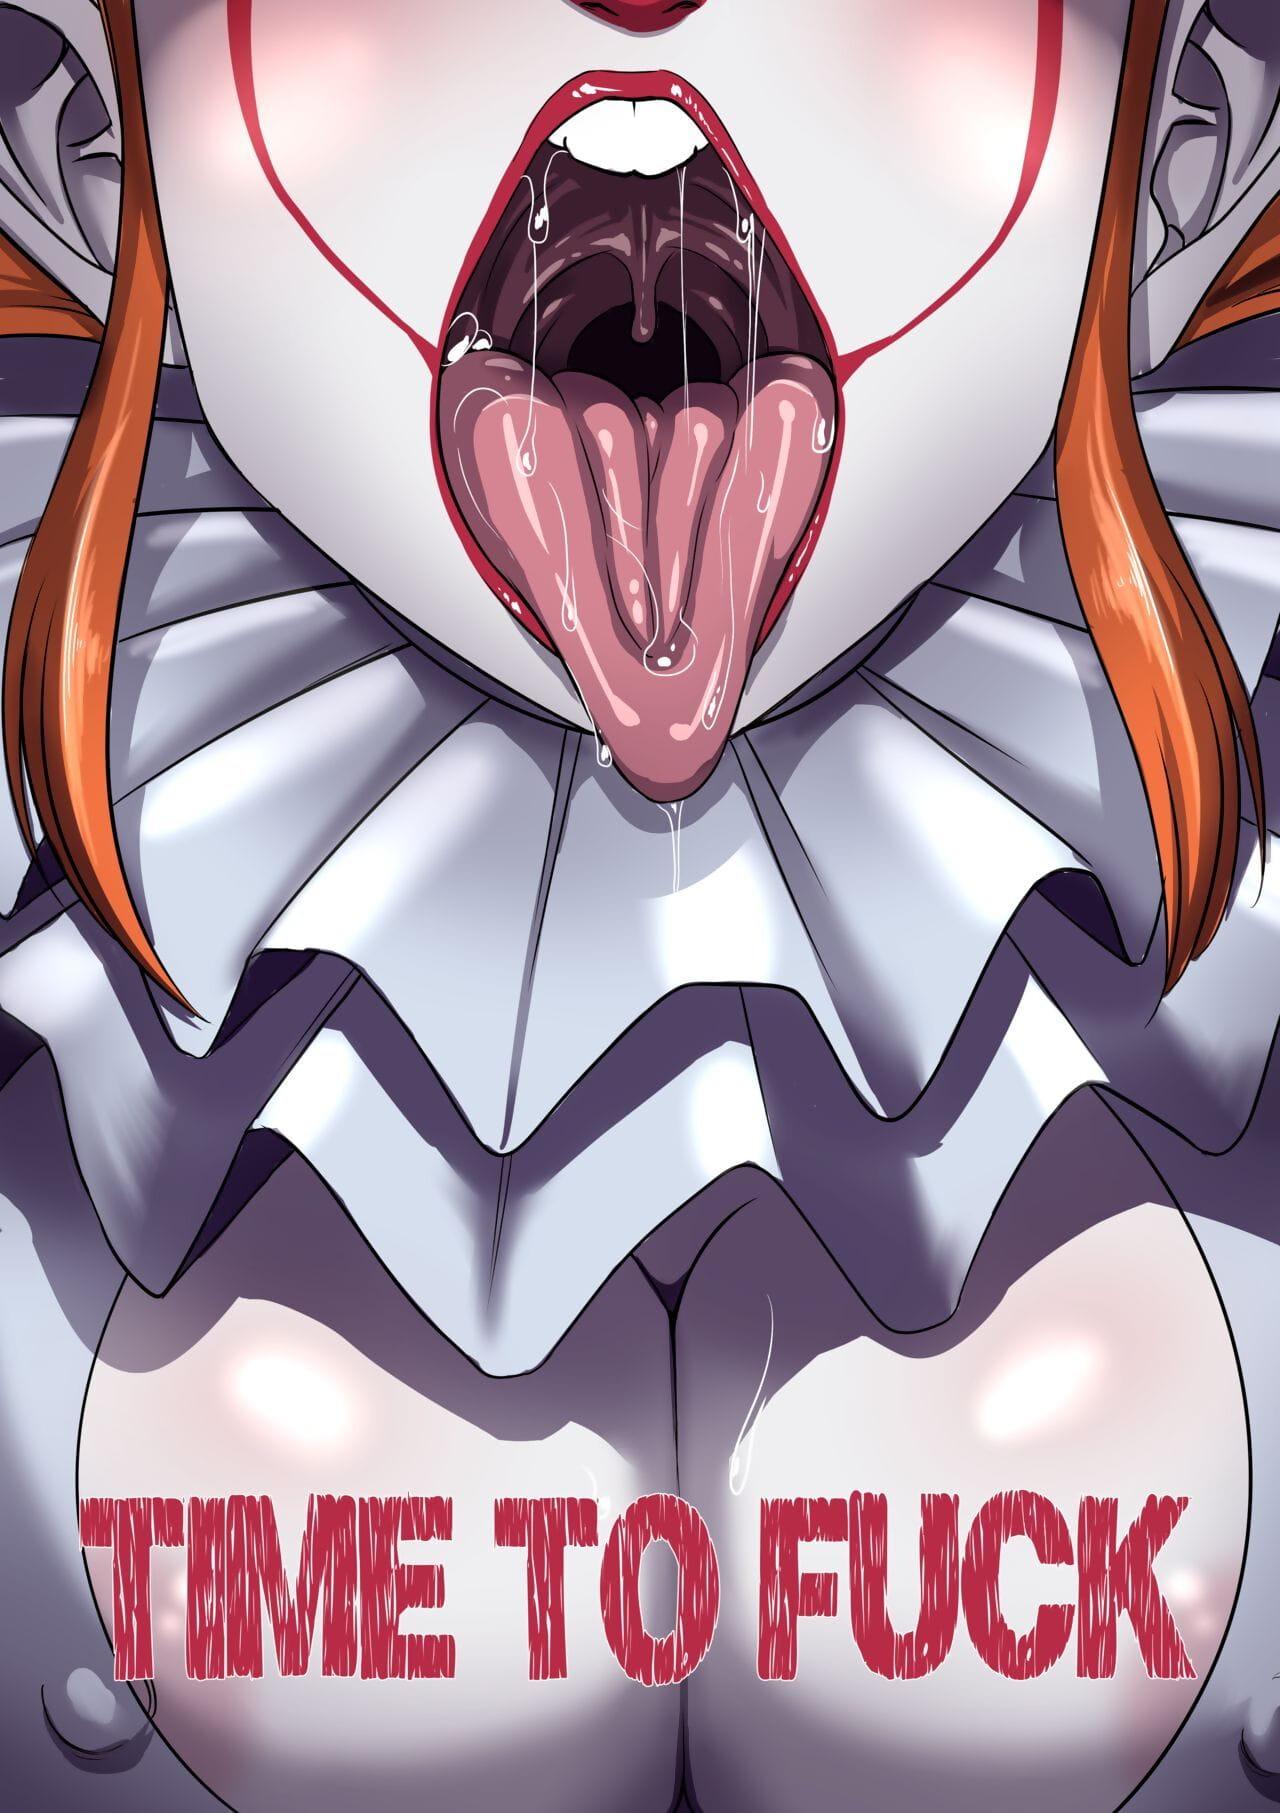 Pics manga sex хентай секс